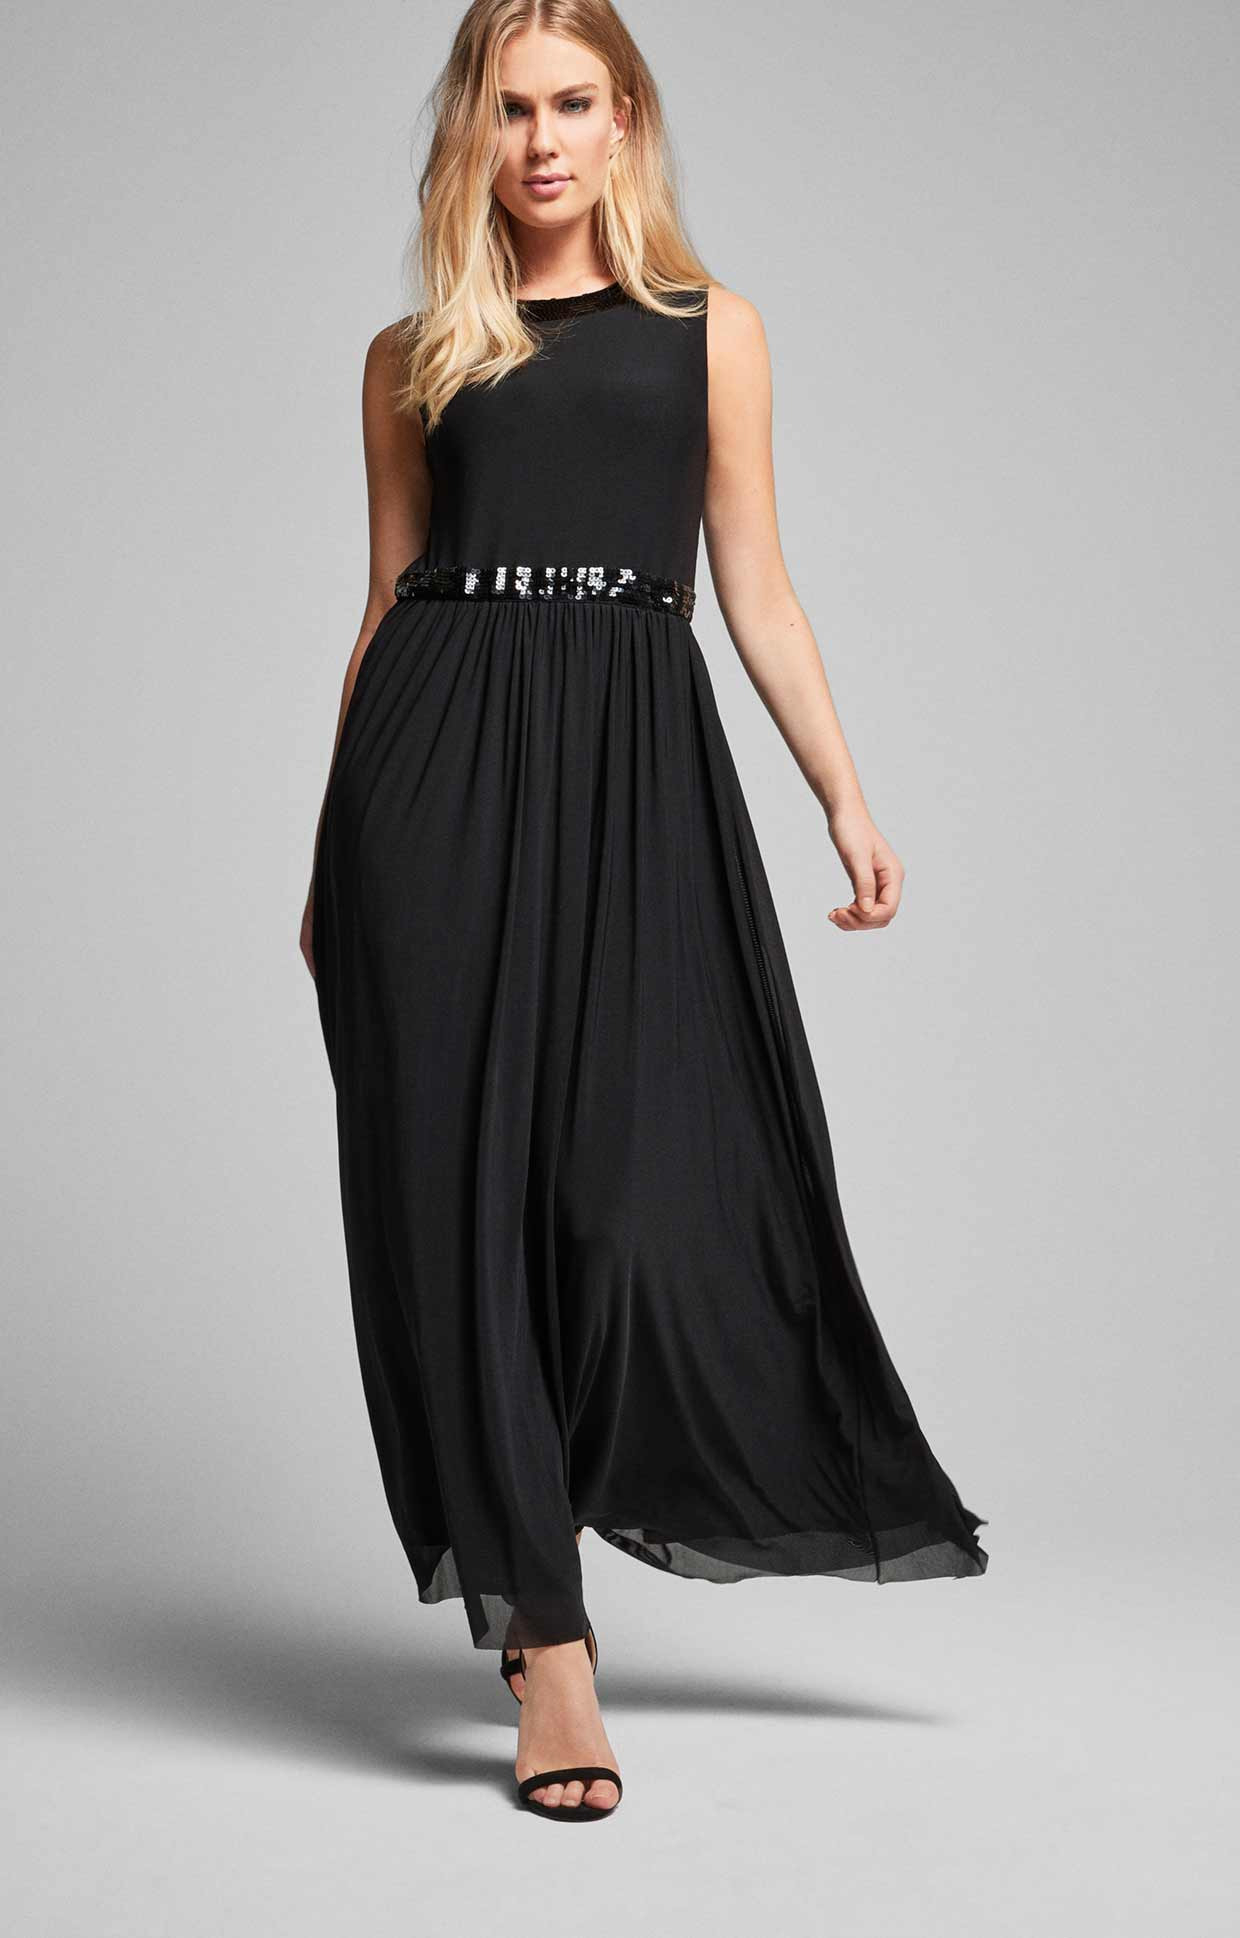 Formal Großartig Chiffon Abend Kleid Bester PreisAbend Ausgezeichnet Chiffon Abend Kleid Spezialgebiet